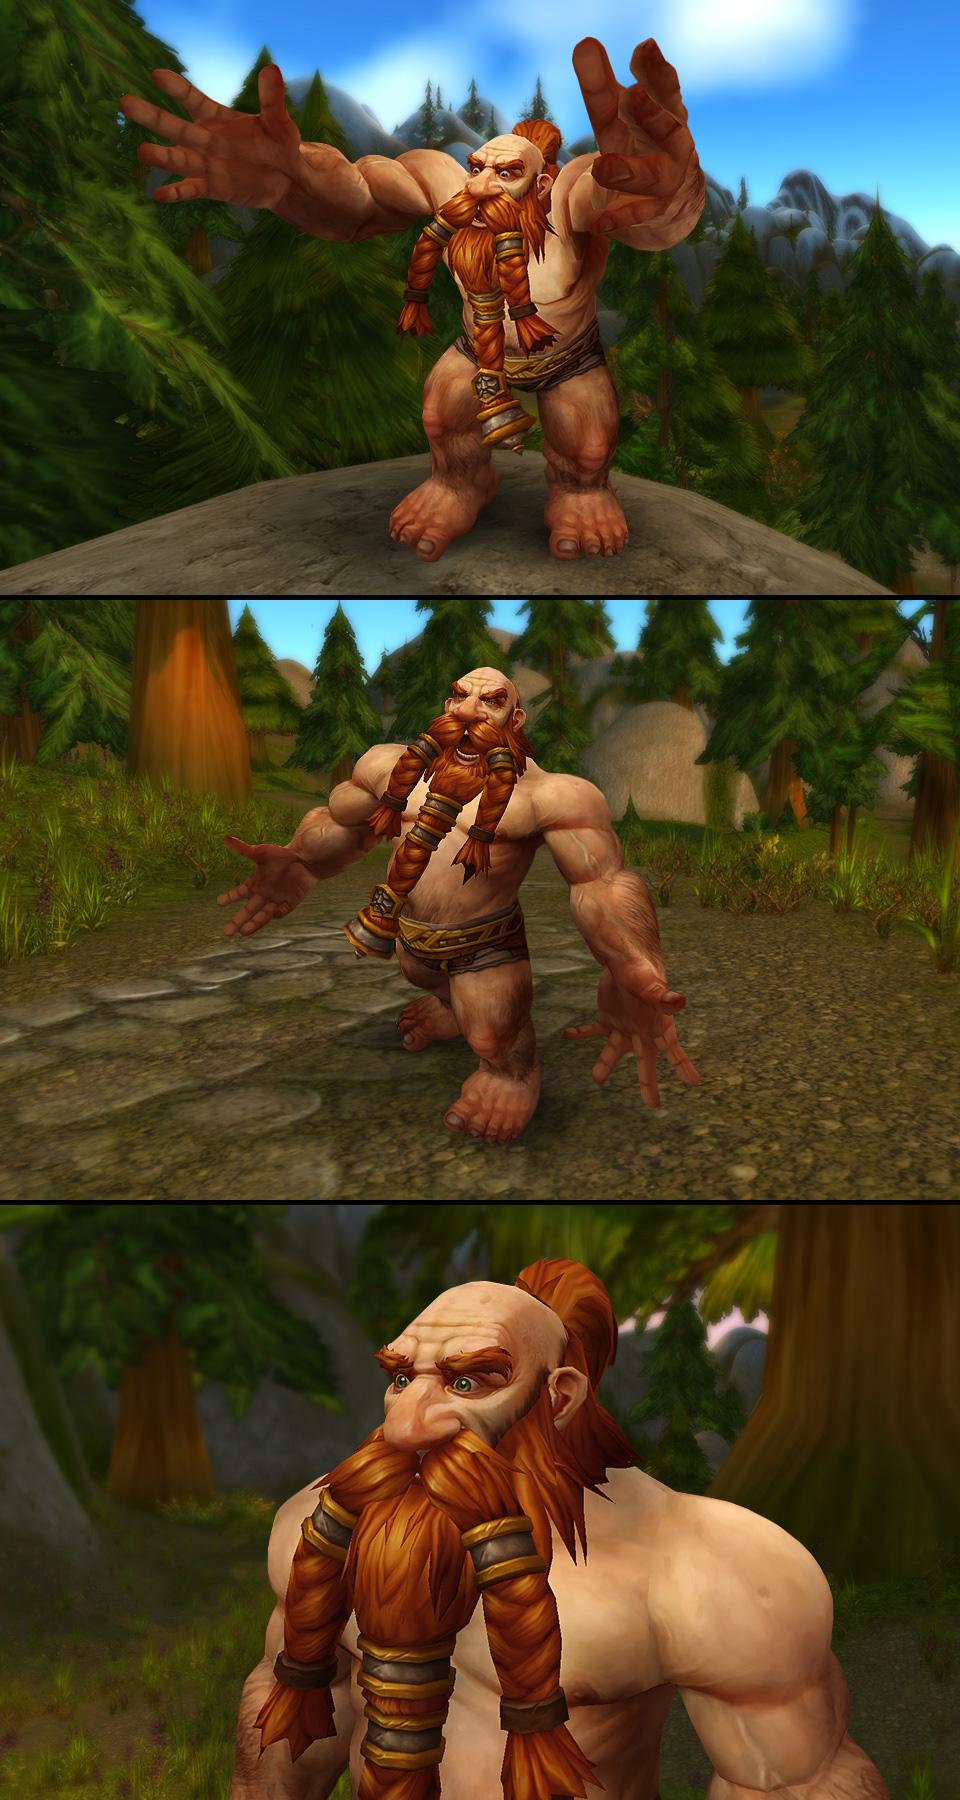 Dwarf nude wow worgen erotic video